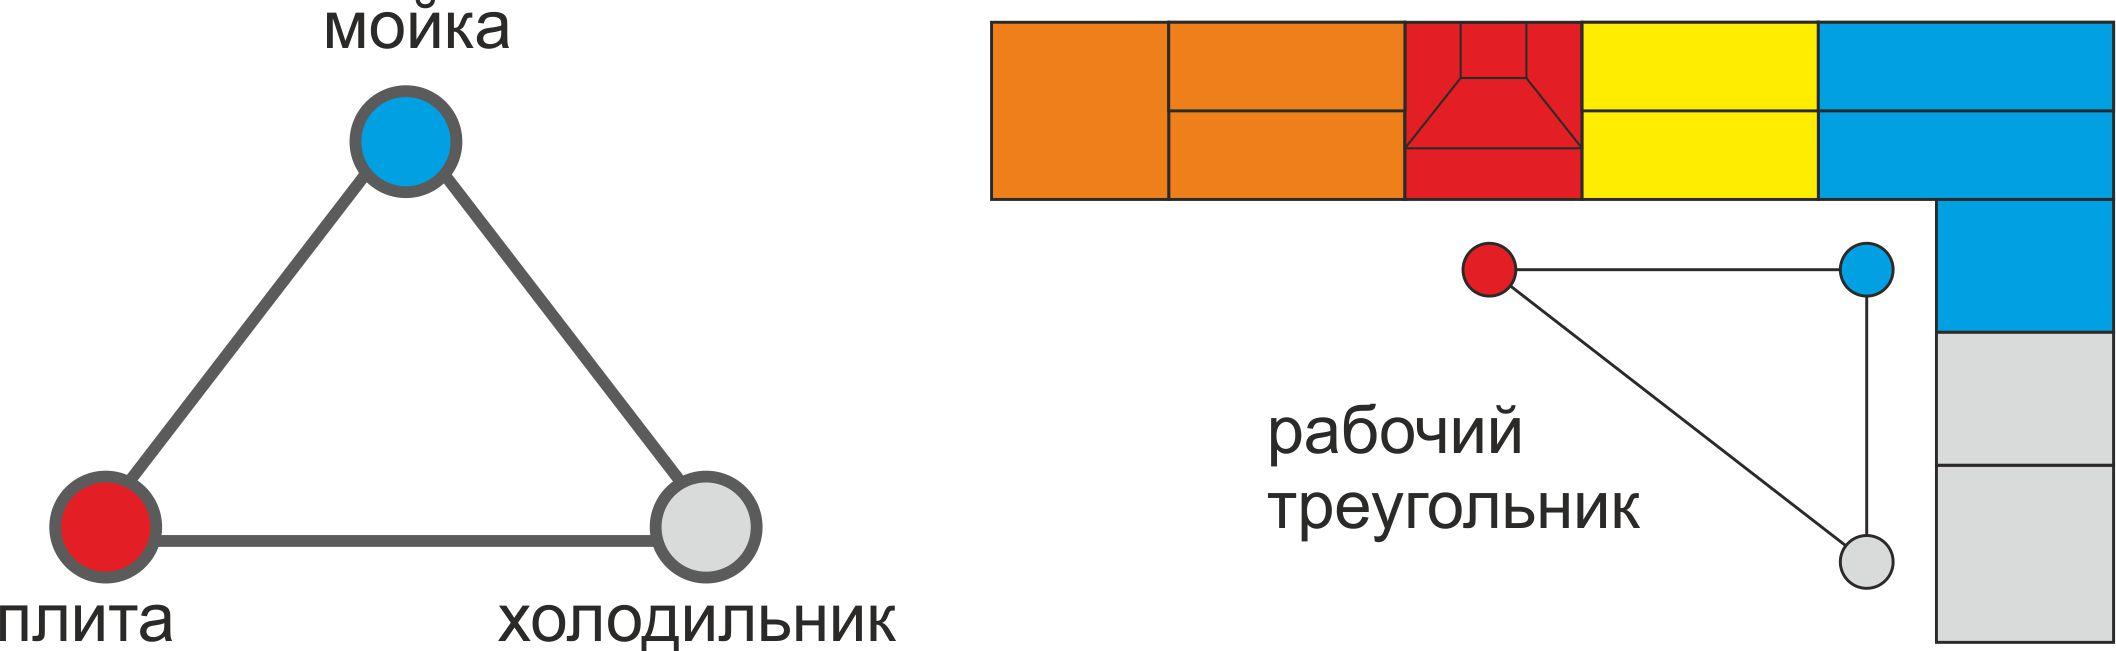 Рабочий-треугольник1